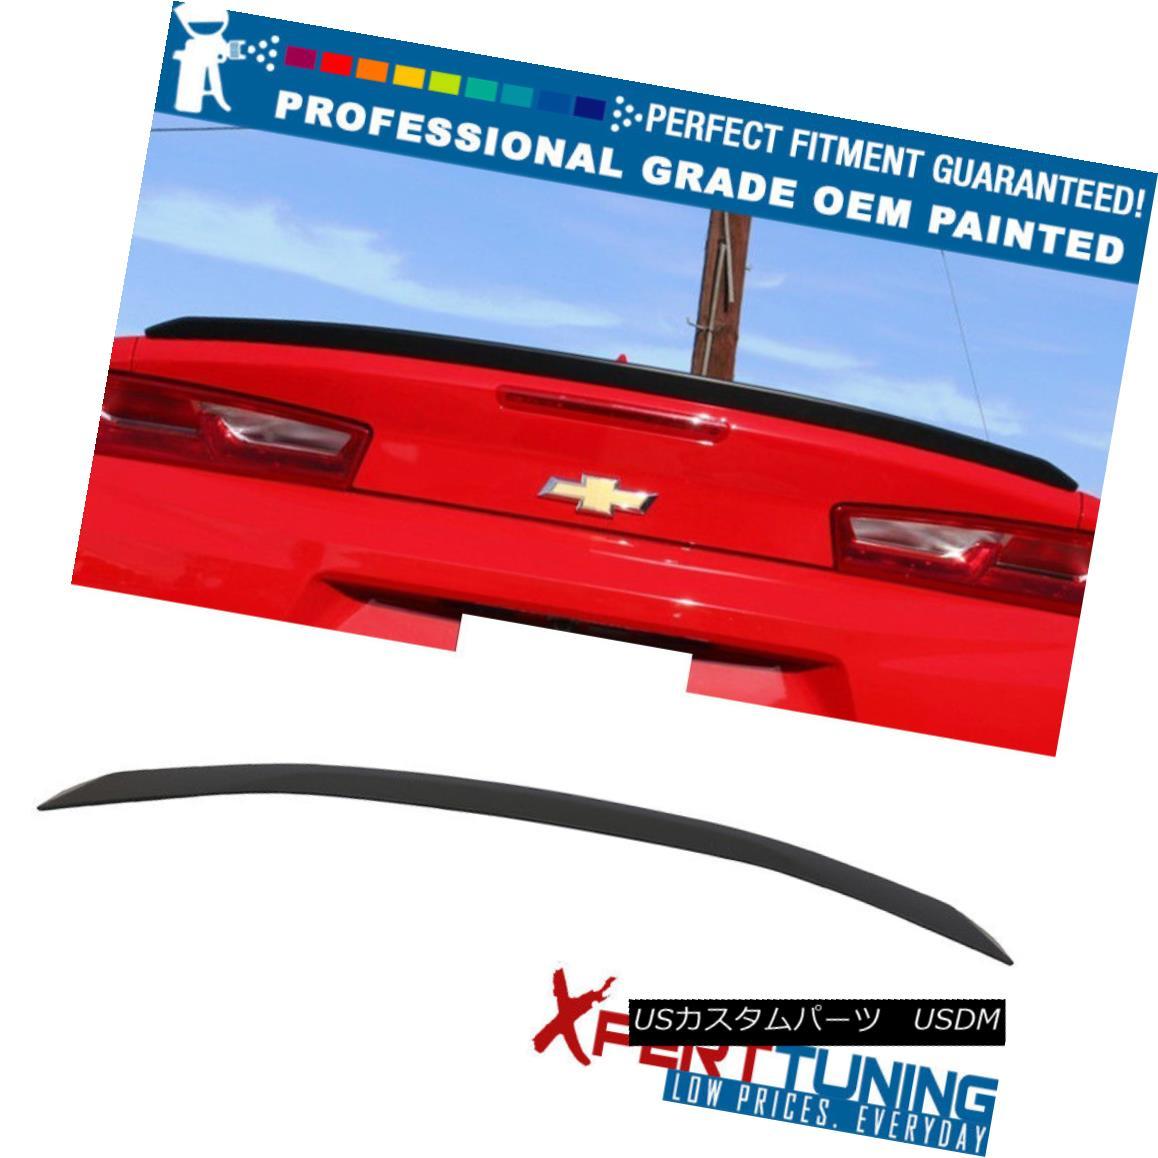 エアロパーツ 16-18 Chevy Camaro OE Flush Mount RS LT V6 Trunk Spoiler - OEM Painted Color 16-18シボレーカマロOEフラッシュマウントRS LT V6トランク・スポイラー - OEM塗装色